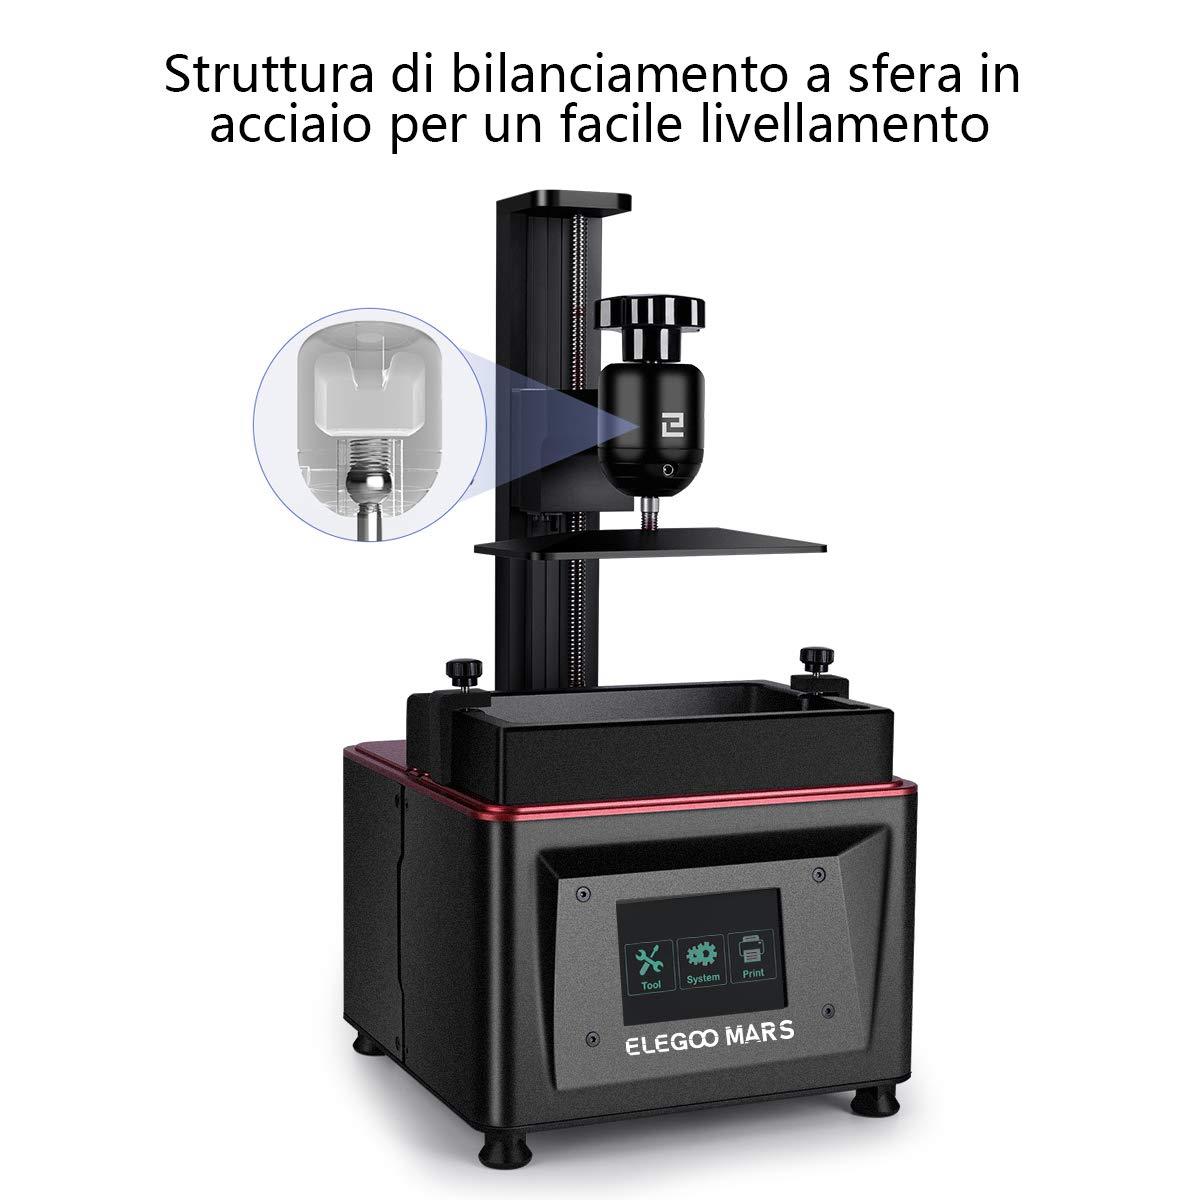 ELEGOO Impresora 3D LCD para Fotopolimerizante Mars UV con ...